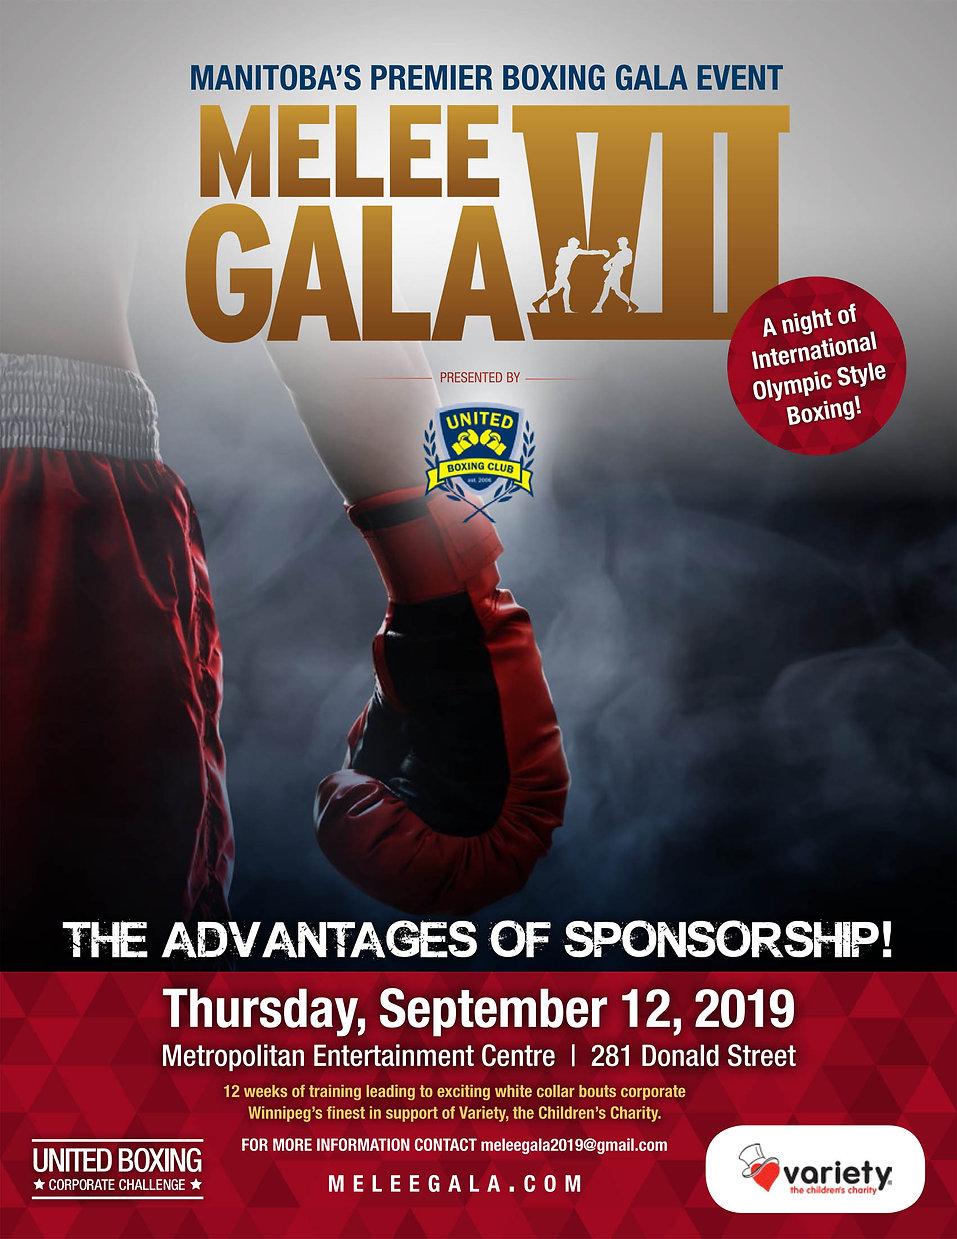 meleegala_sponsor_1.jpg